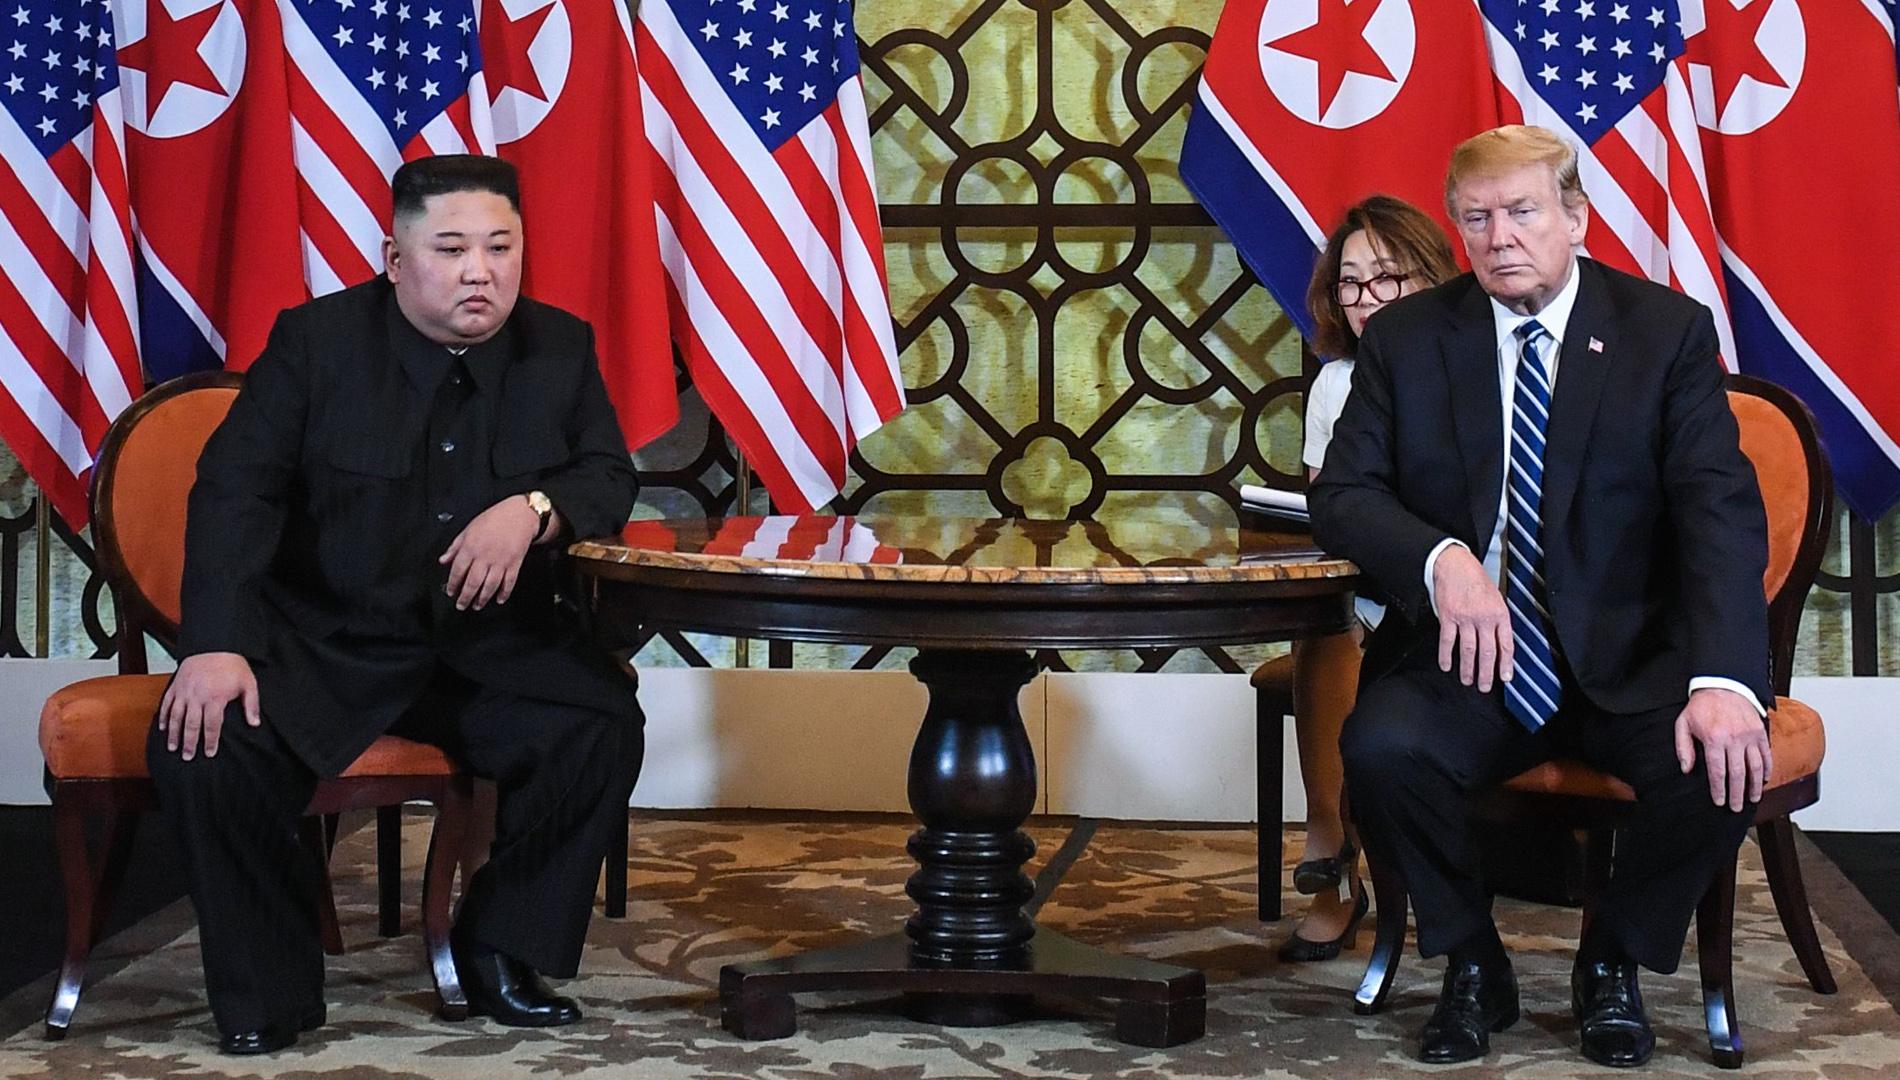 Ir al VideoLa cumbre de Trump y Kim Jong-un en Vietnam termina sin acuerdo